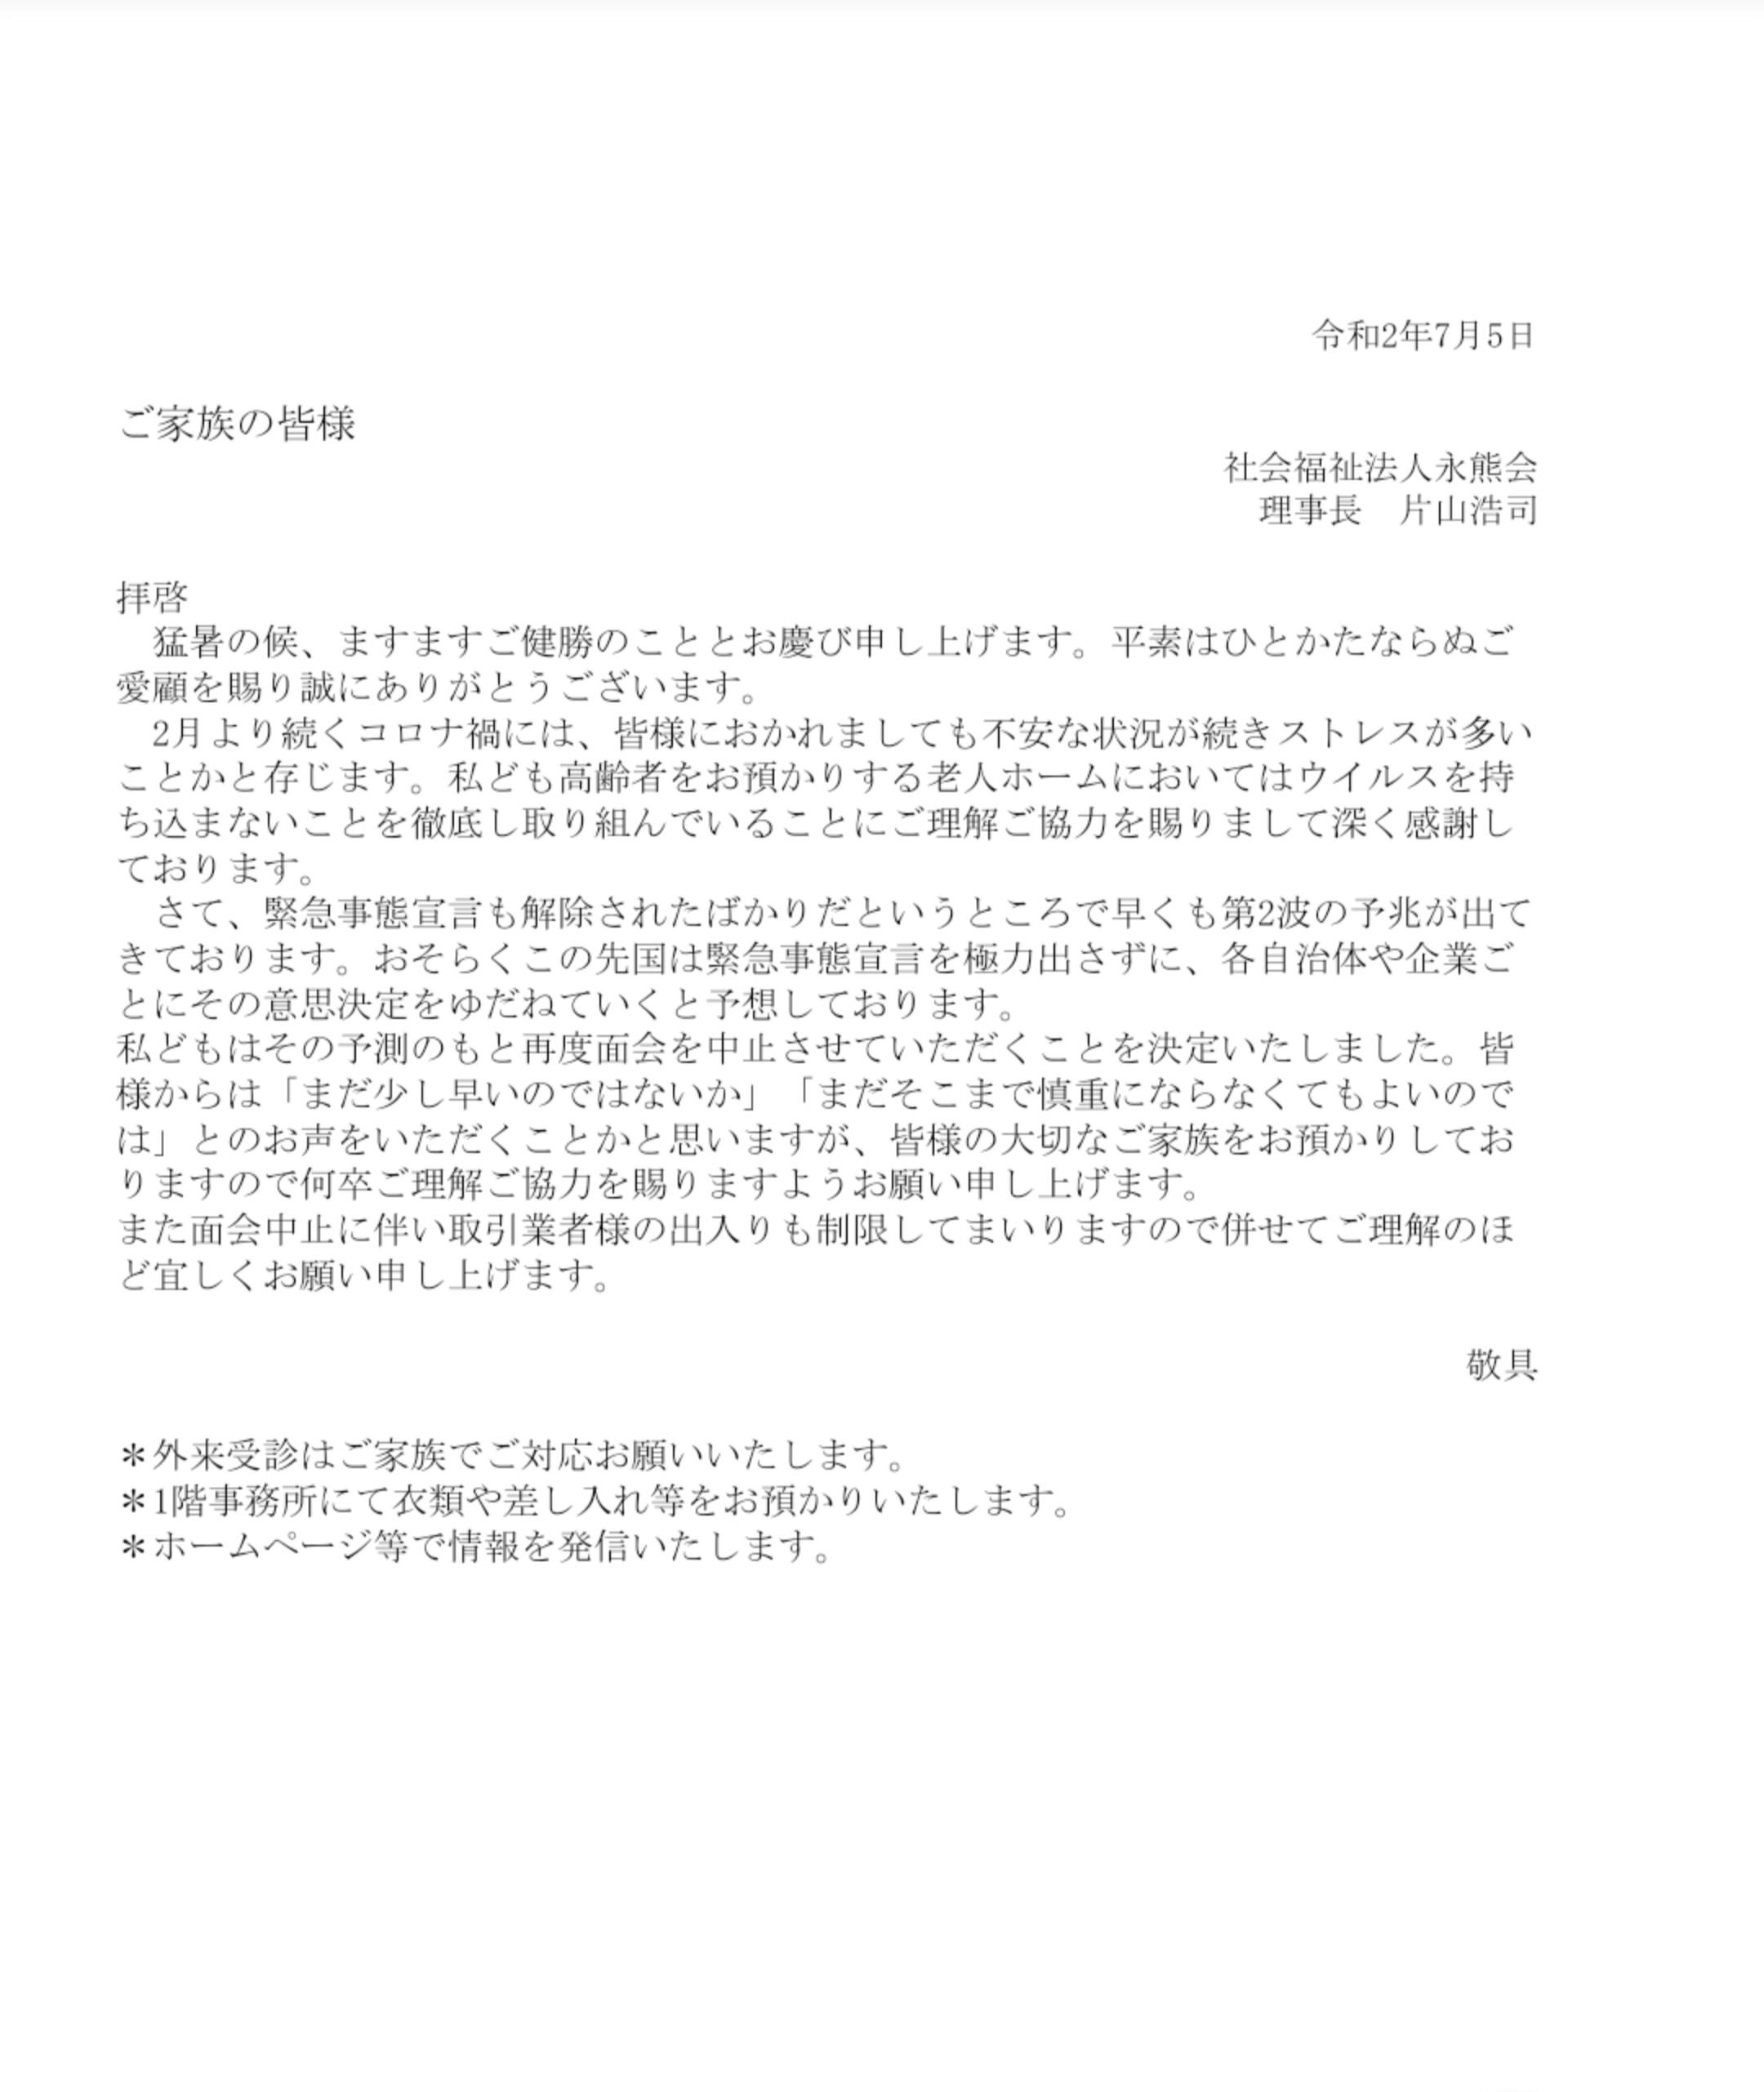 【7月5日】施設よりご連絡